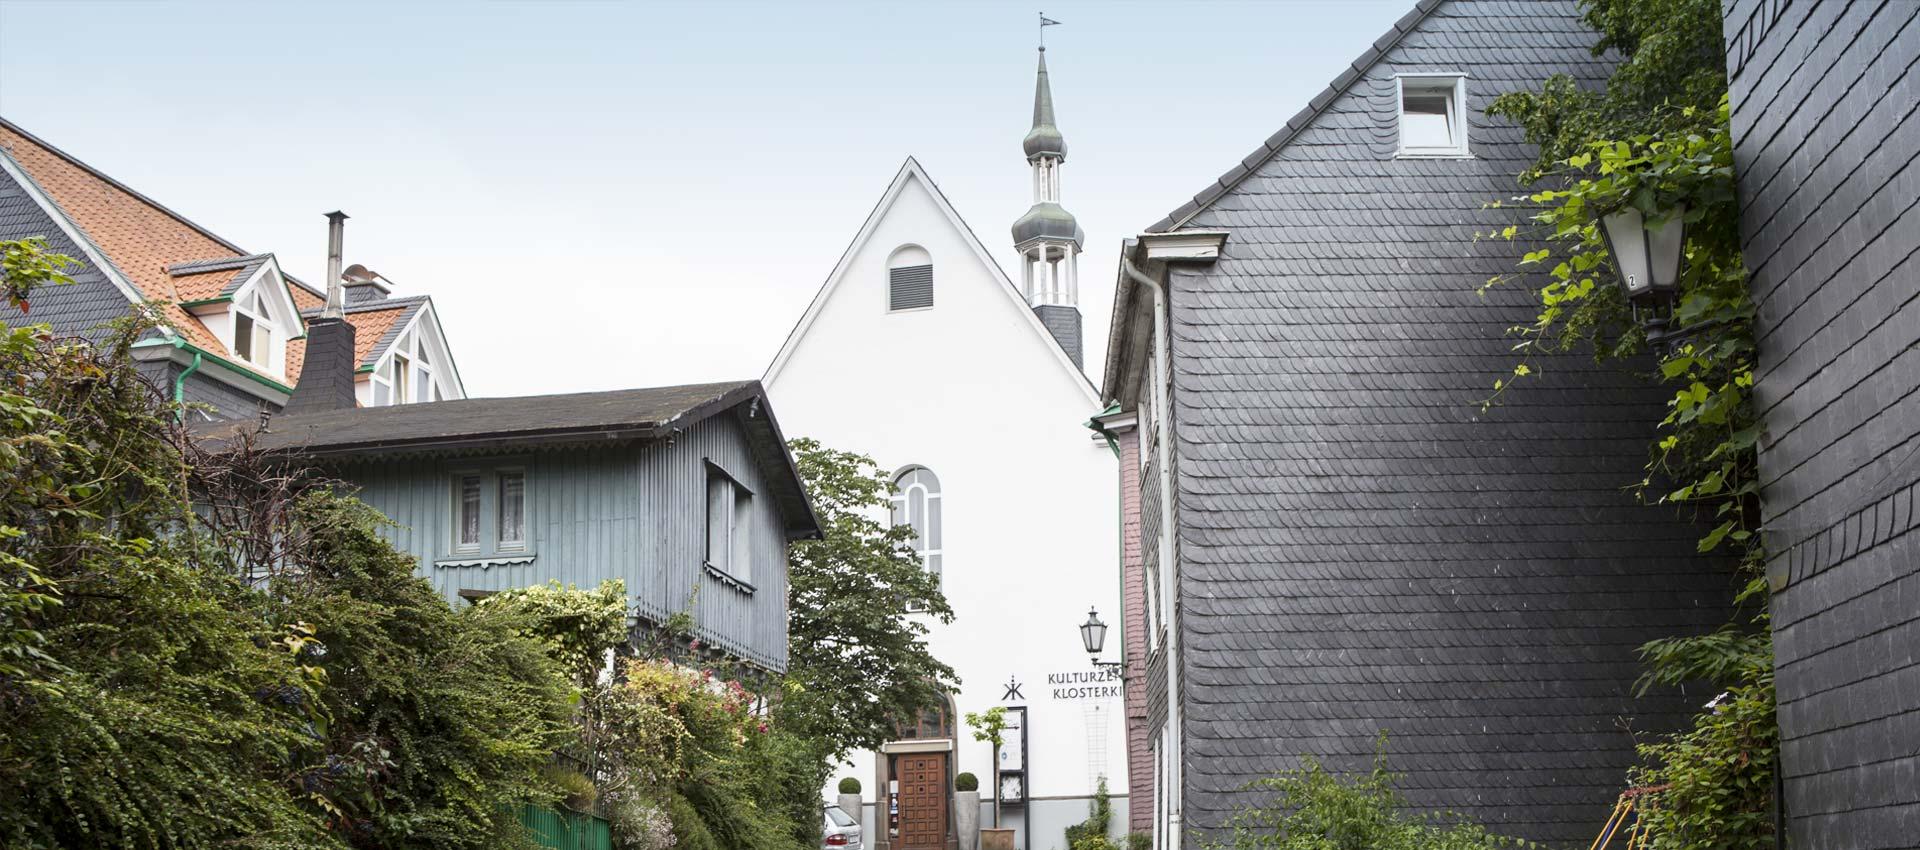 Das Kulturzentrum Klosterkirche direkt neben der Klosterschänke Remscheid.